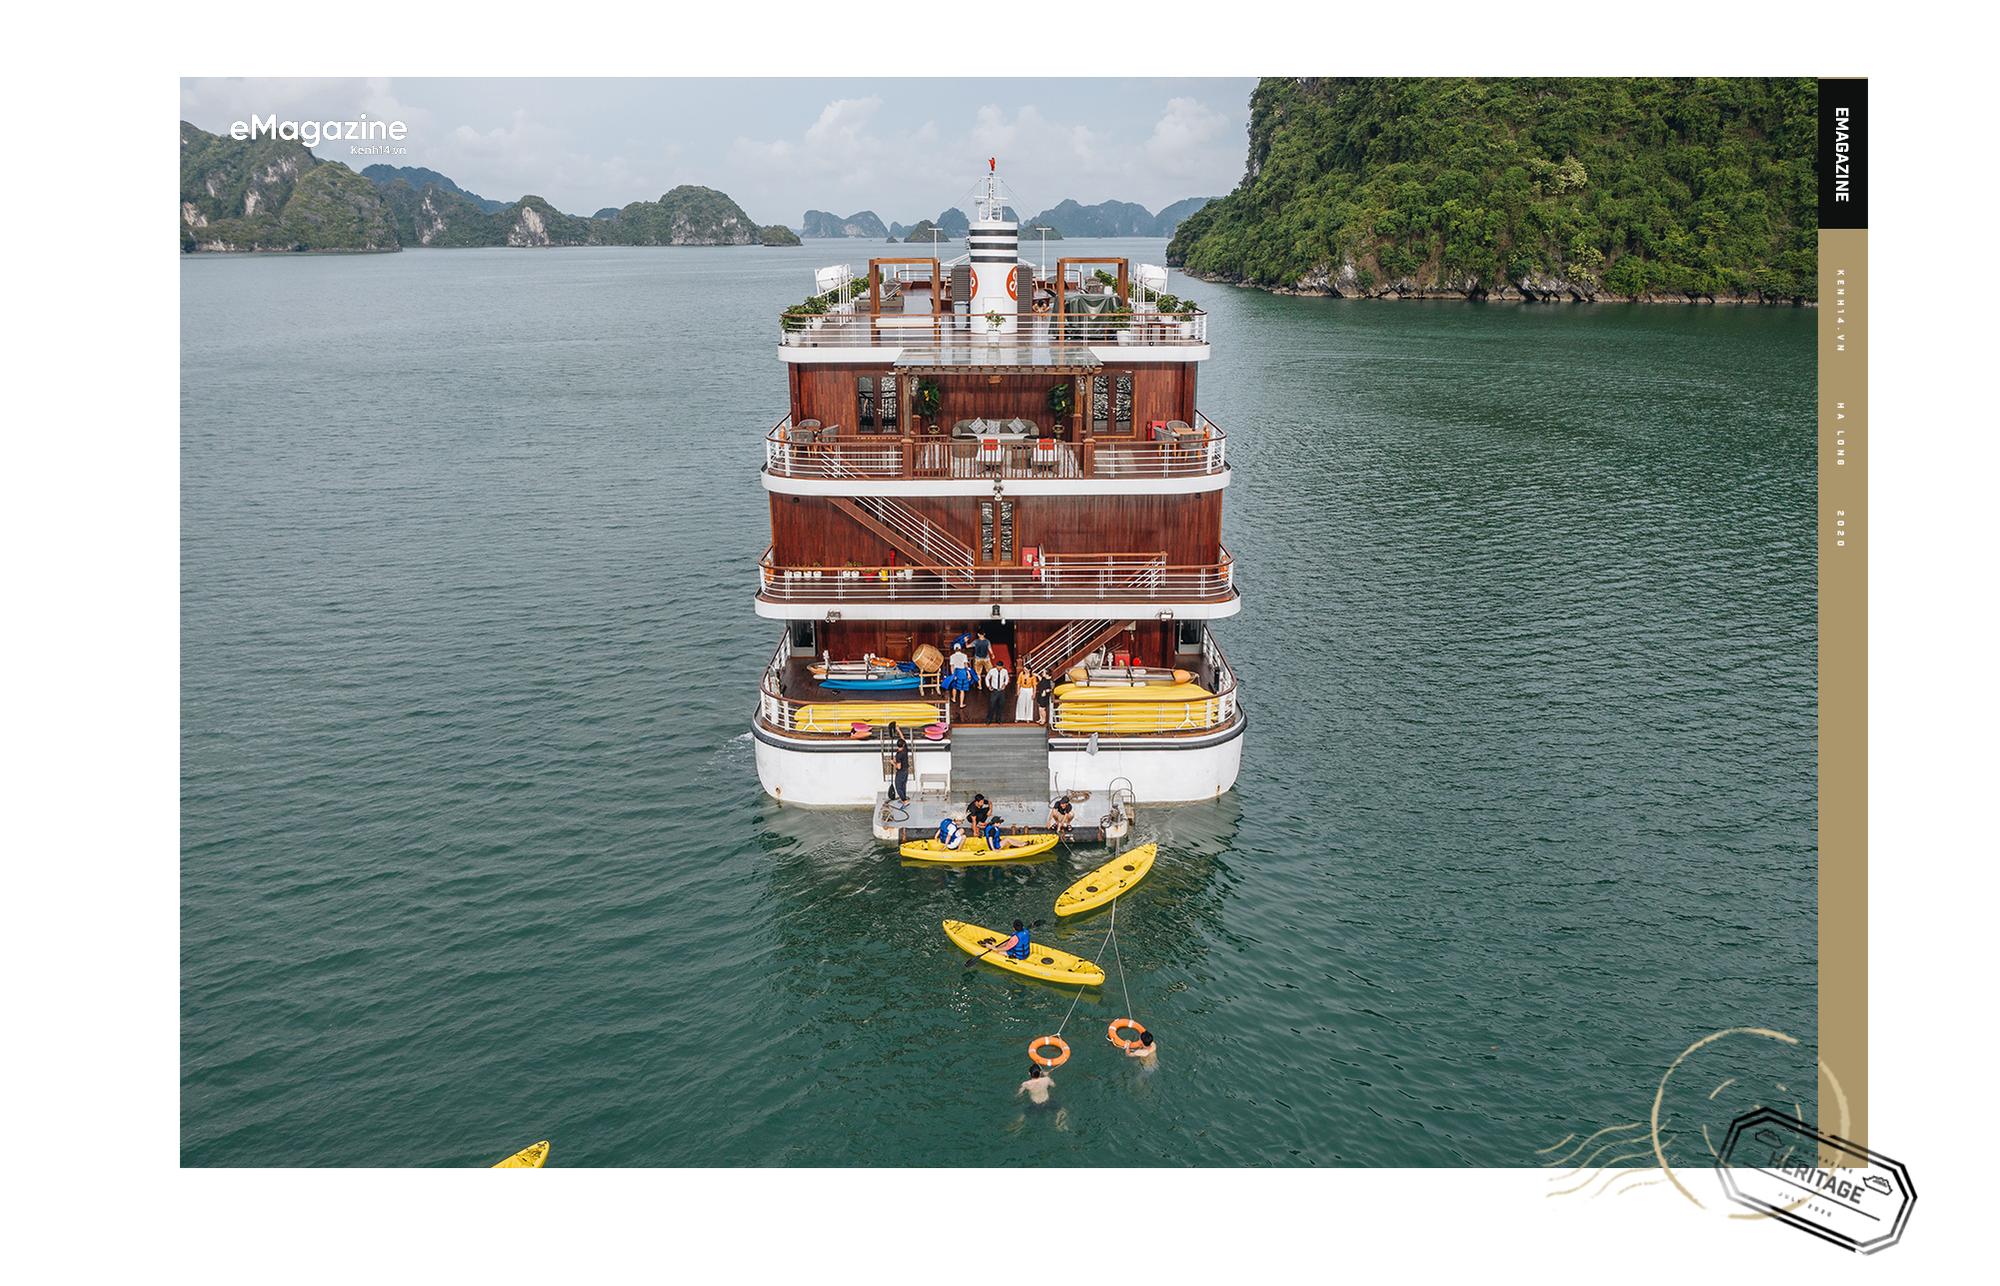 Trải nghiệm vịnh Lan Hạ đẹp như thơ trên du thuyền 5 sao để nhận ra: Đi du lịch ở Việt Nam có thể đẳng cấp chẳng kém chỗ nào! - Ảnh 6.